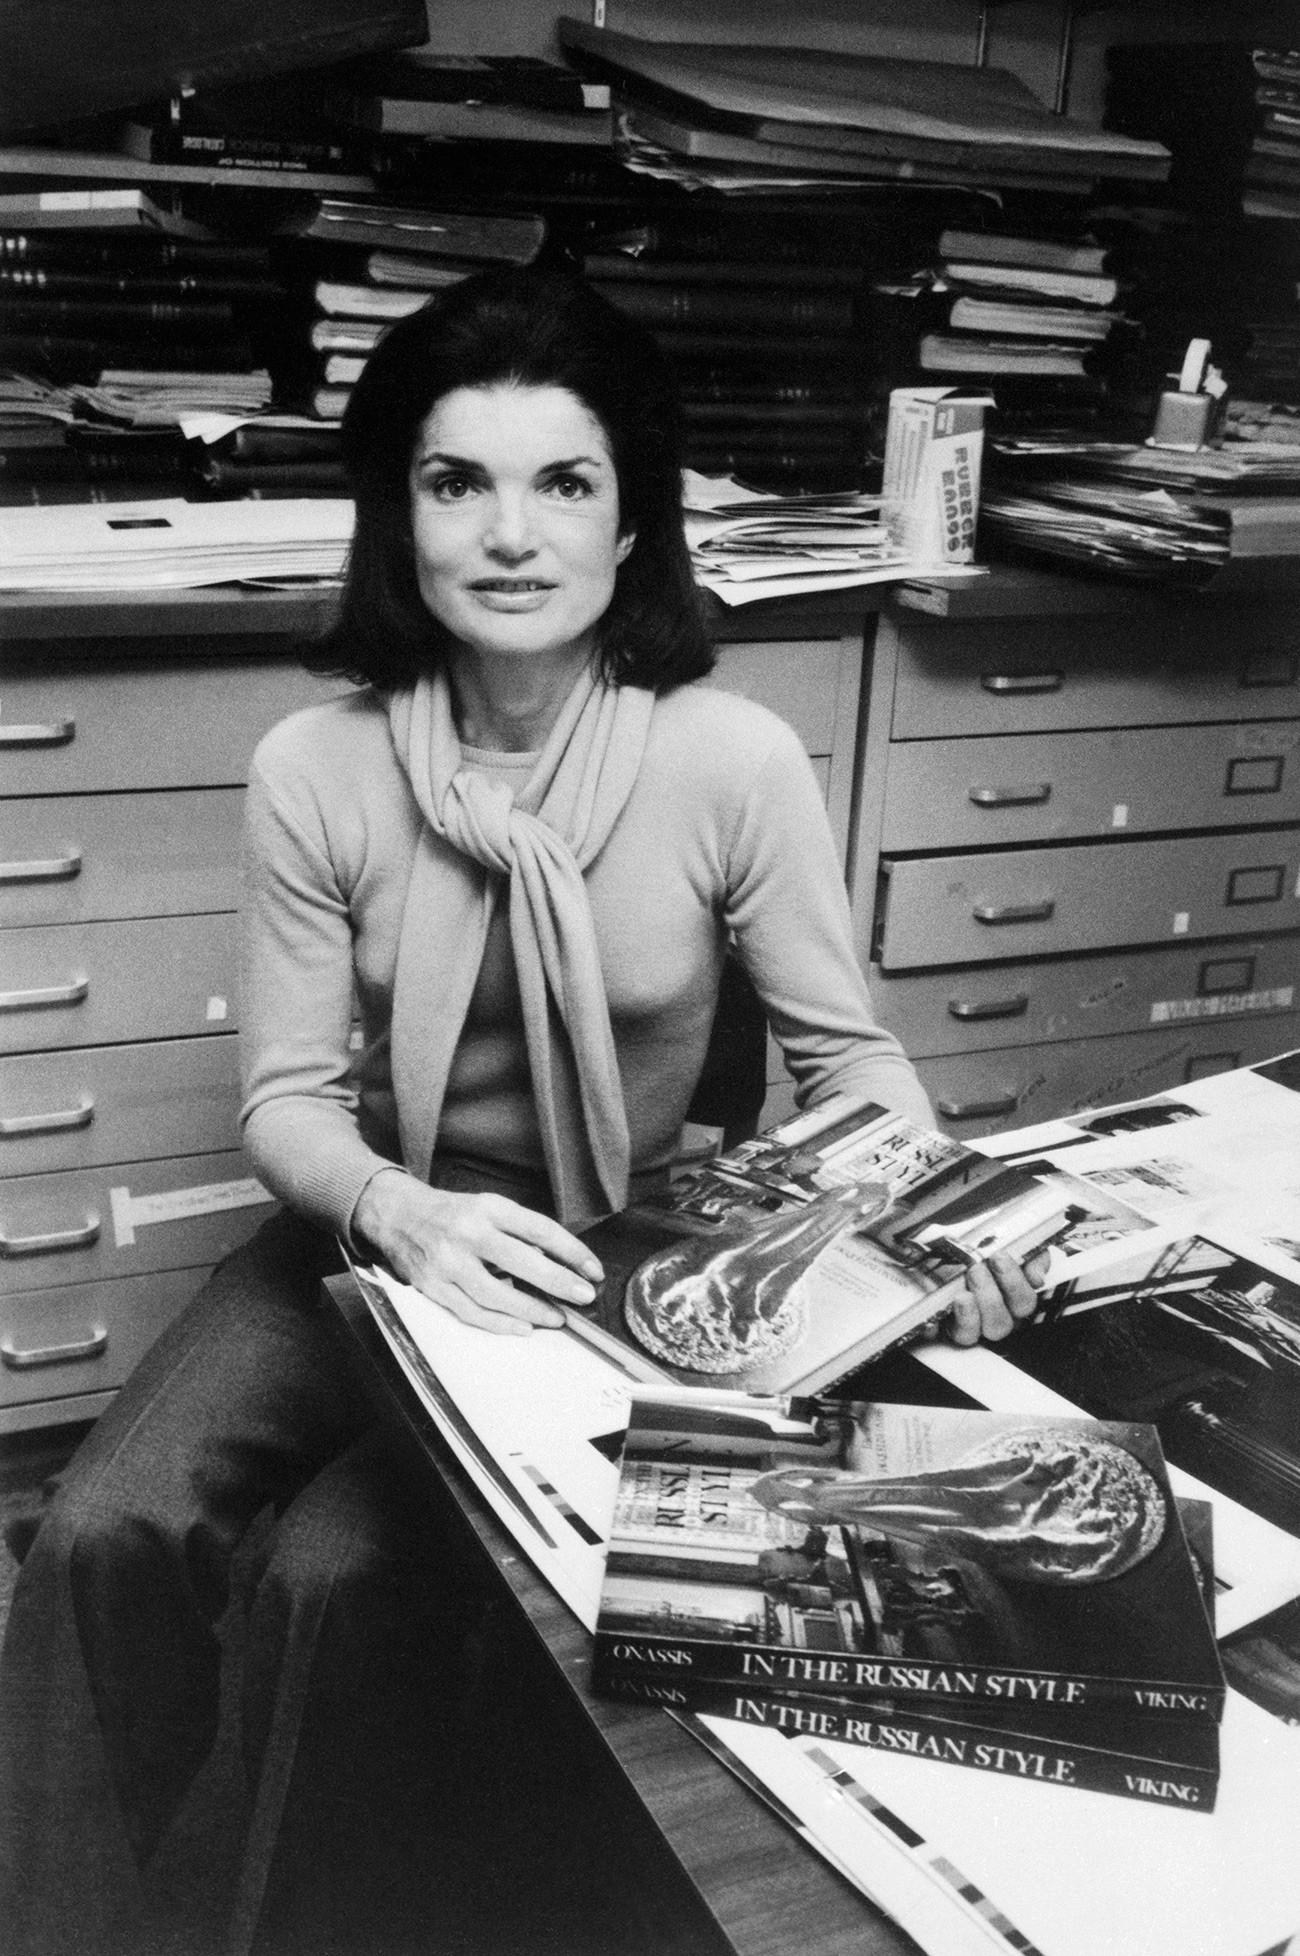 Жаклин Онасис в офиса на издателство Viking Пресс, представя книгата си